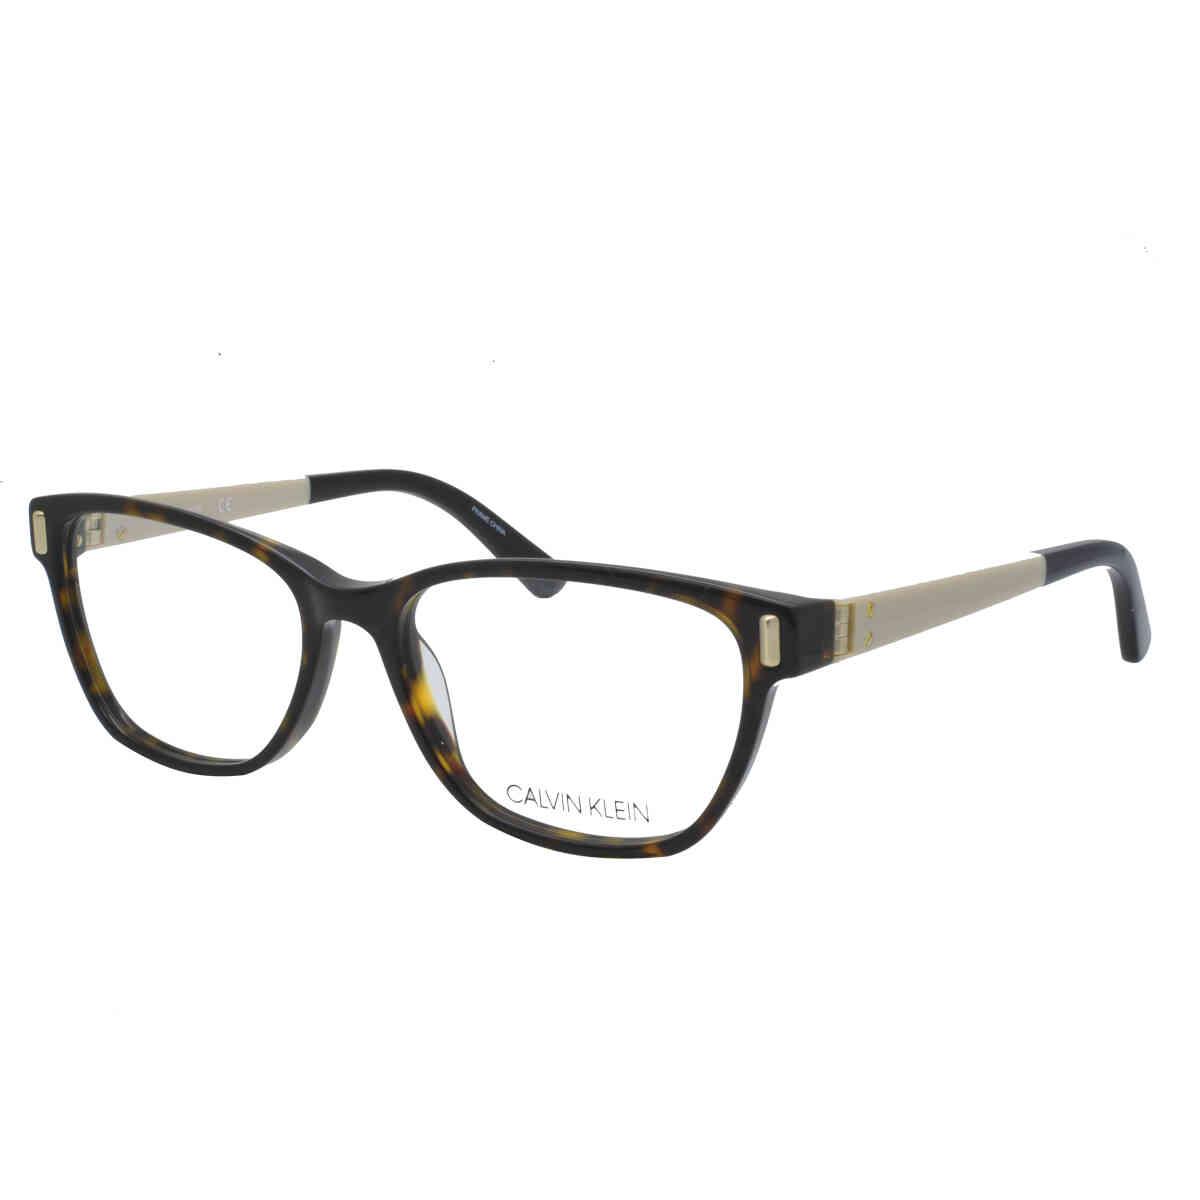 Óculos de Grau Calvin Klein Feminino CK8570